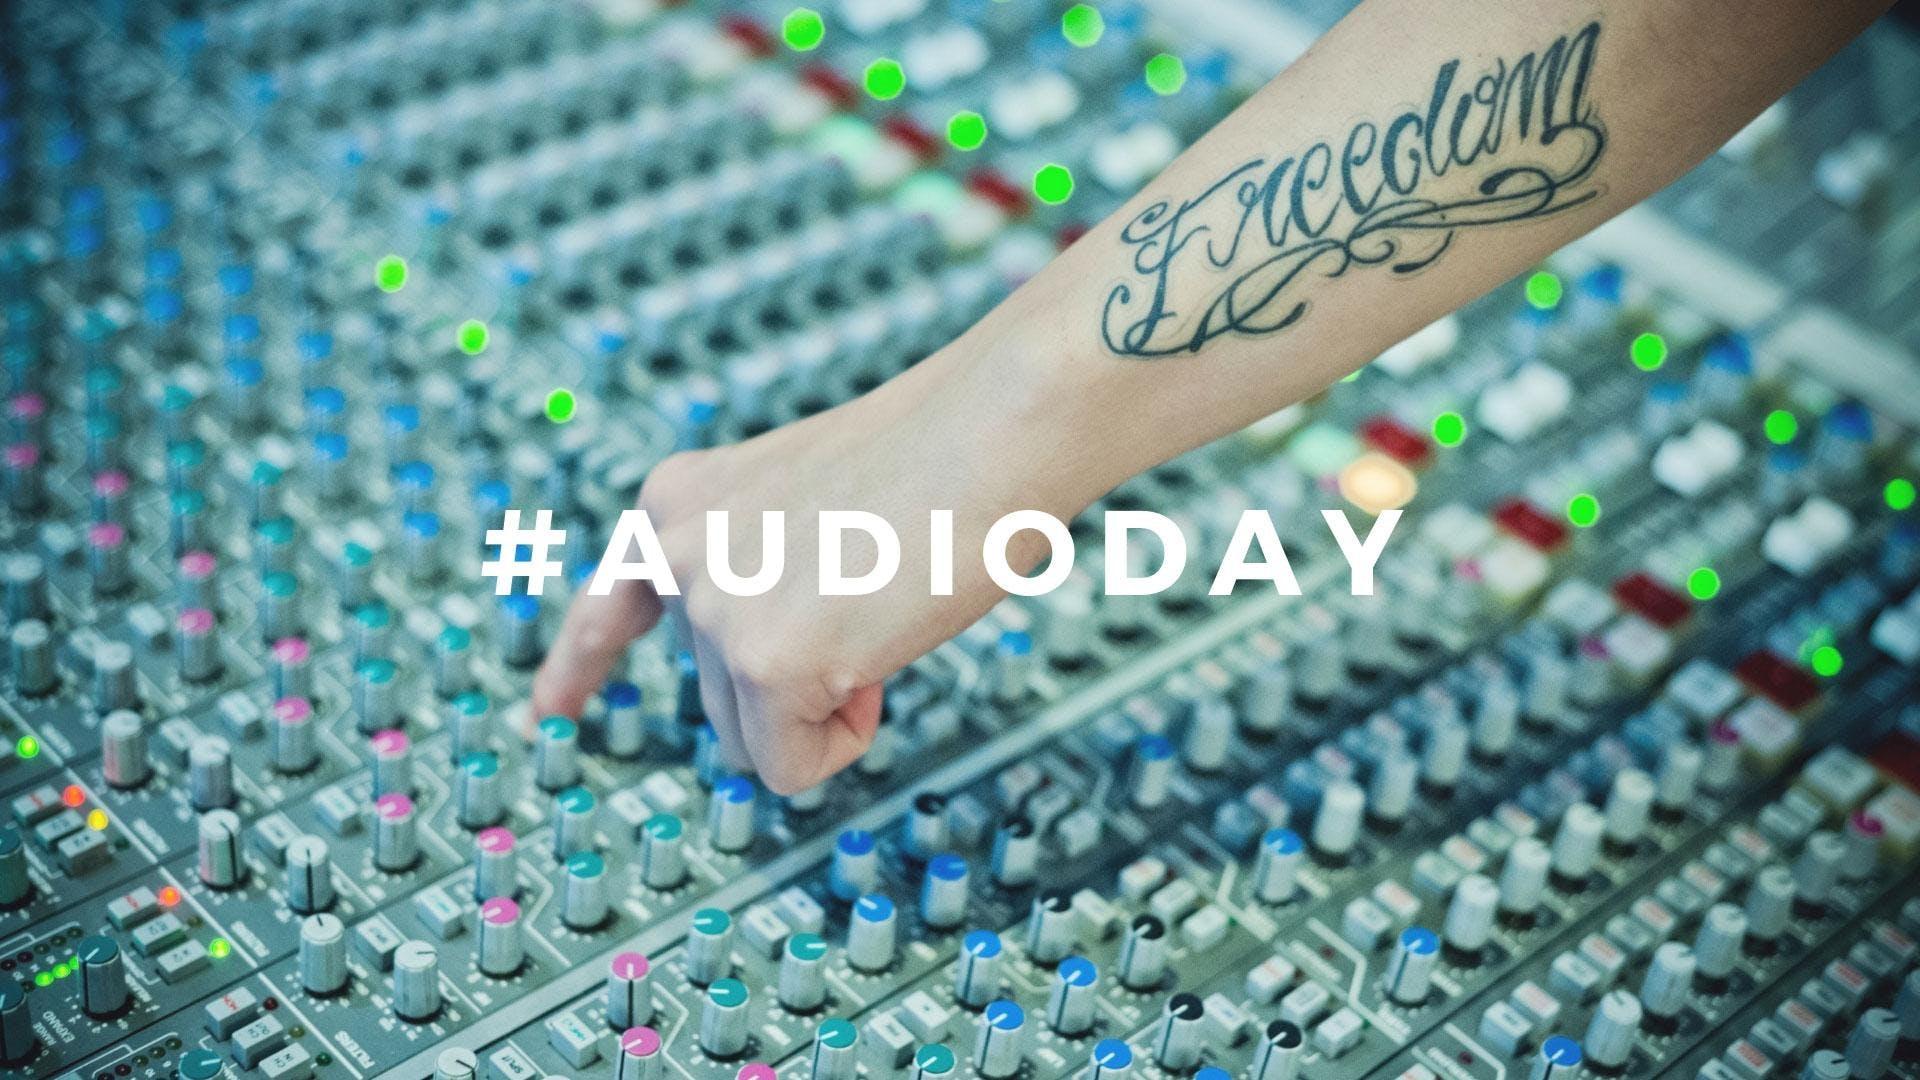 #AudioDay